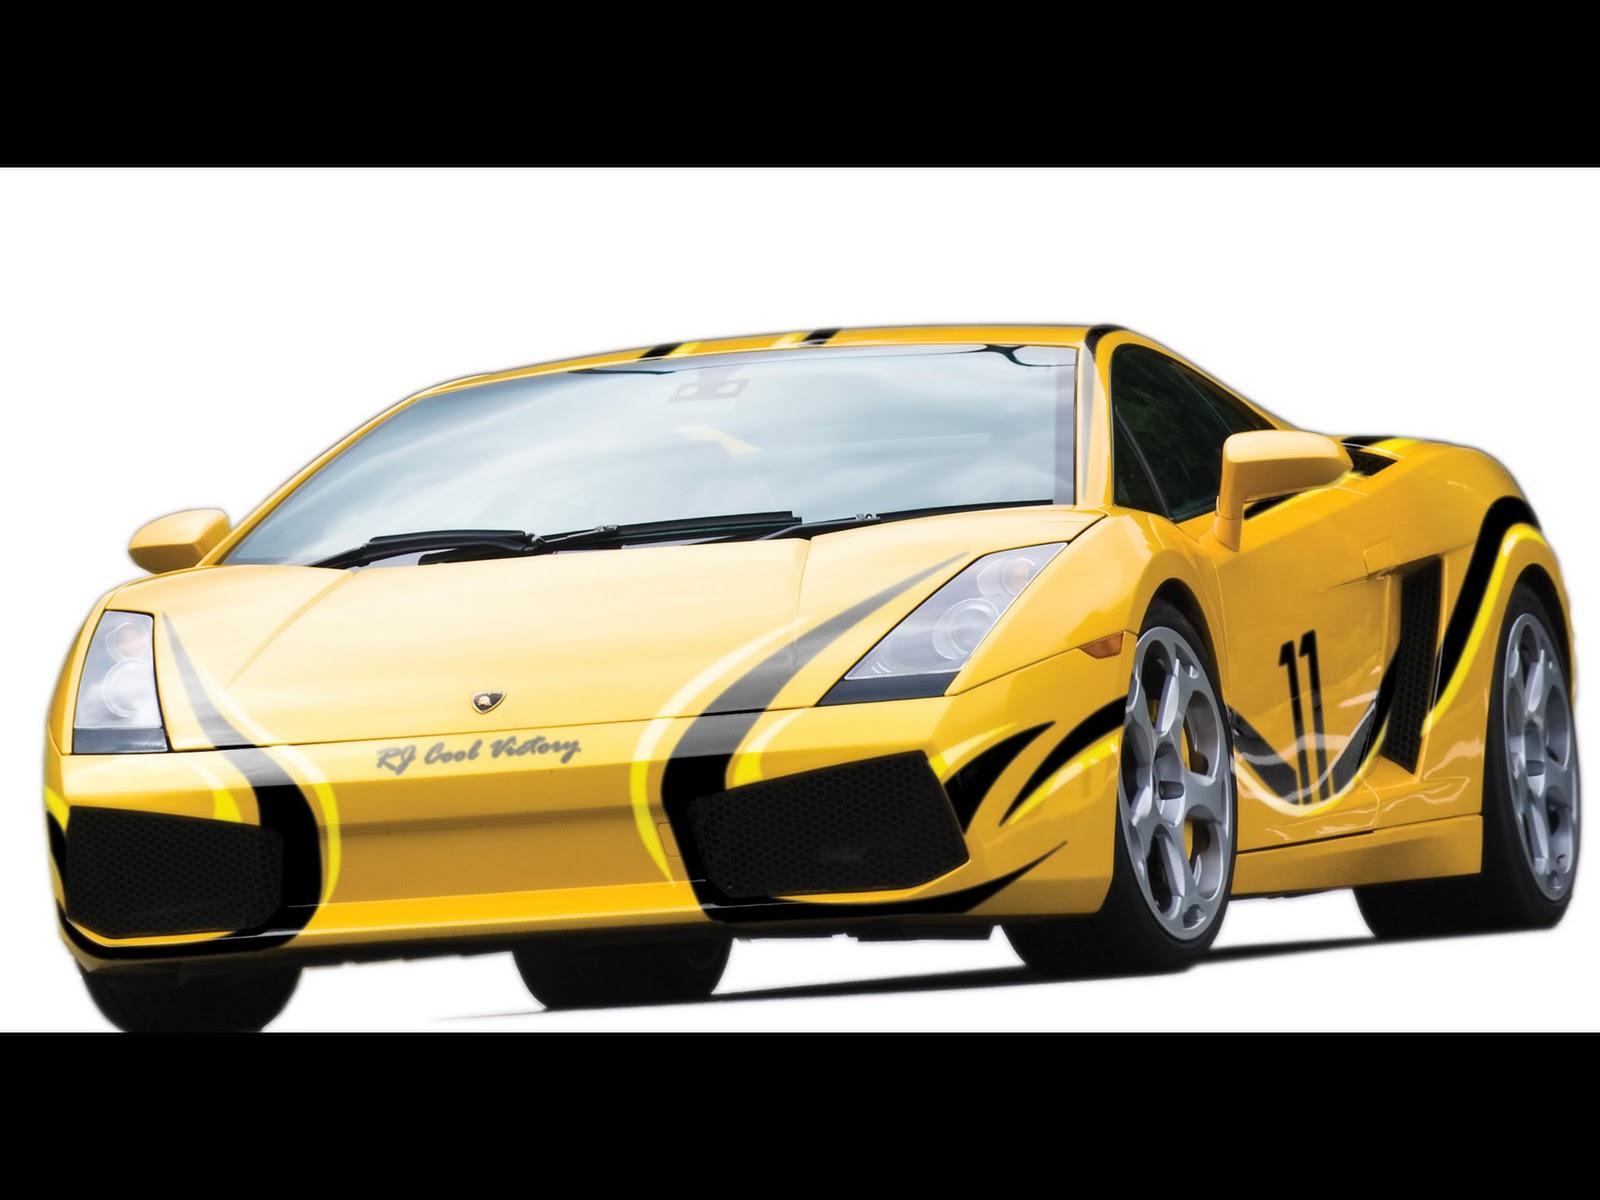 Chaos Theatre: Super Cool Lamborghini Cars